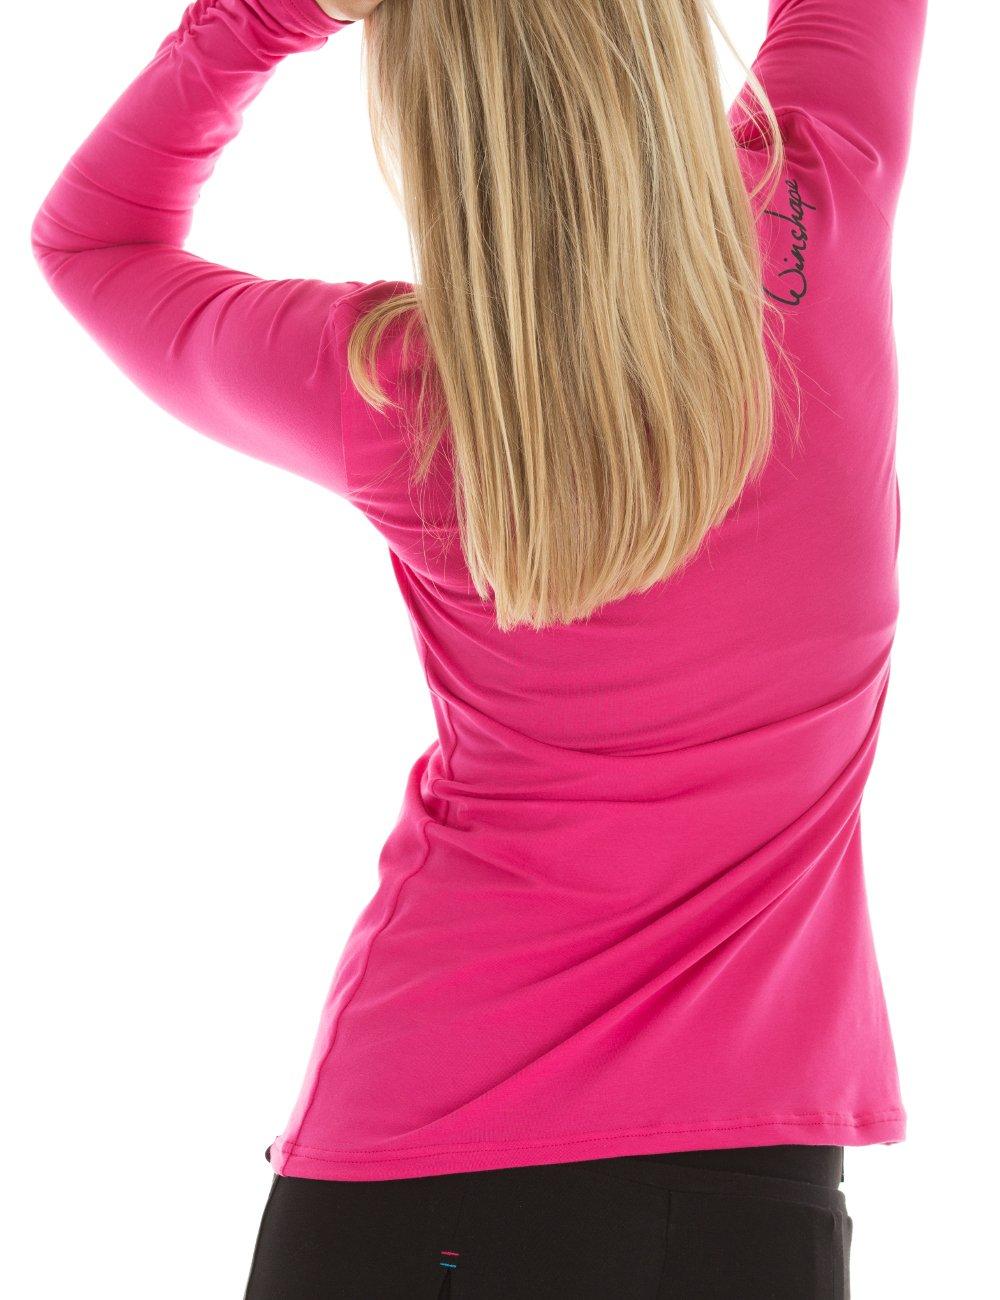 Winshape WS1 - Camiseta Deportiva para Mujer (diseño de Manga Larga)   Amazon.es  Deportes y aire libre 356fbdb0d26b2